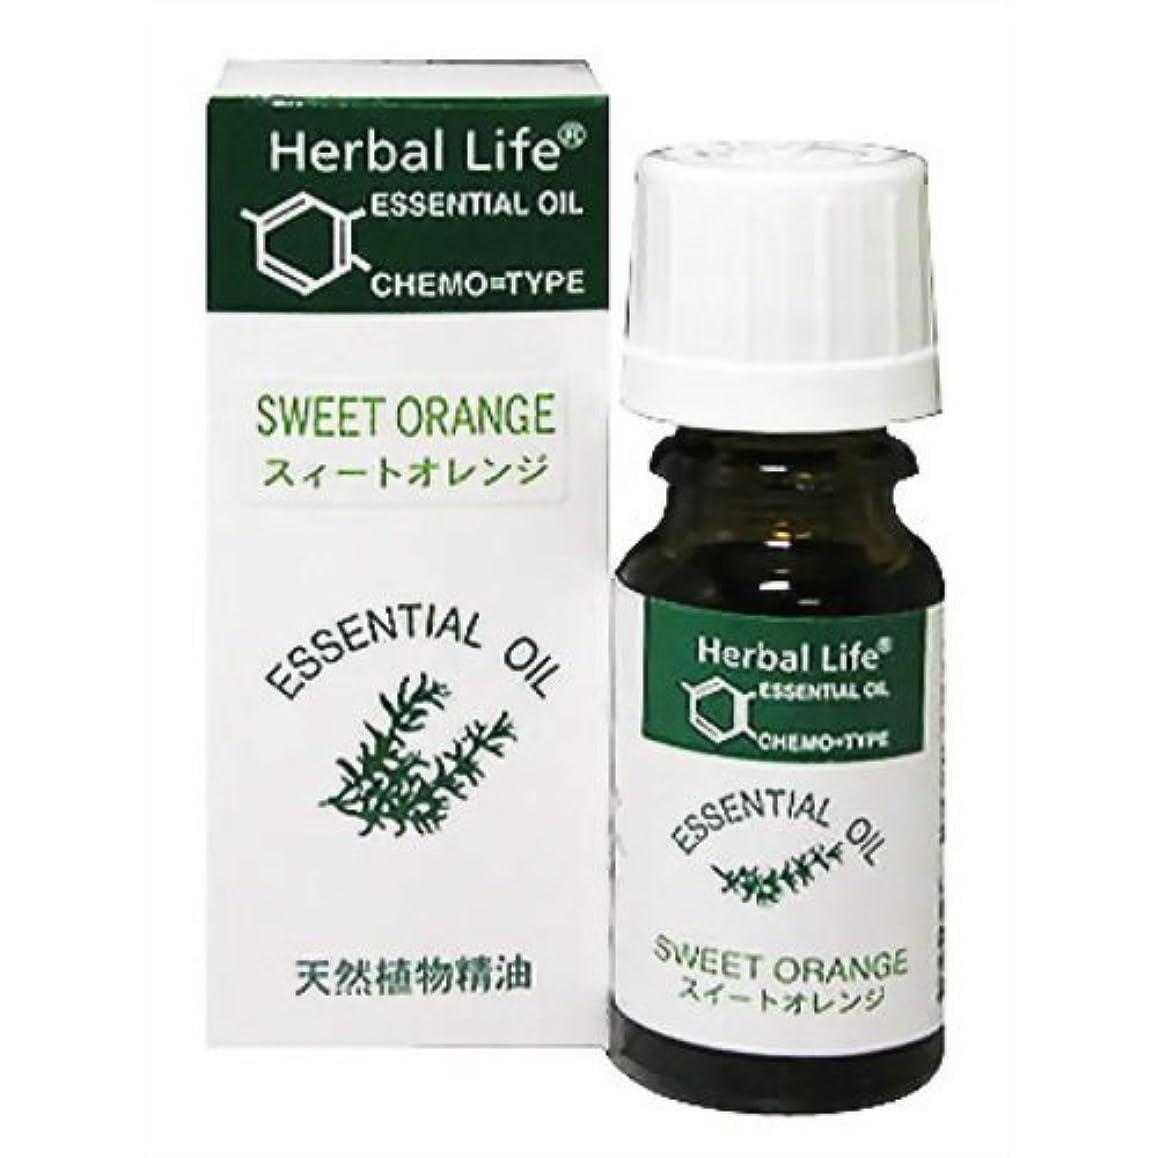 作る平等衝突する生活の木 Herbal Life スィートオレンジ 10ml